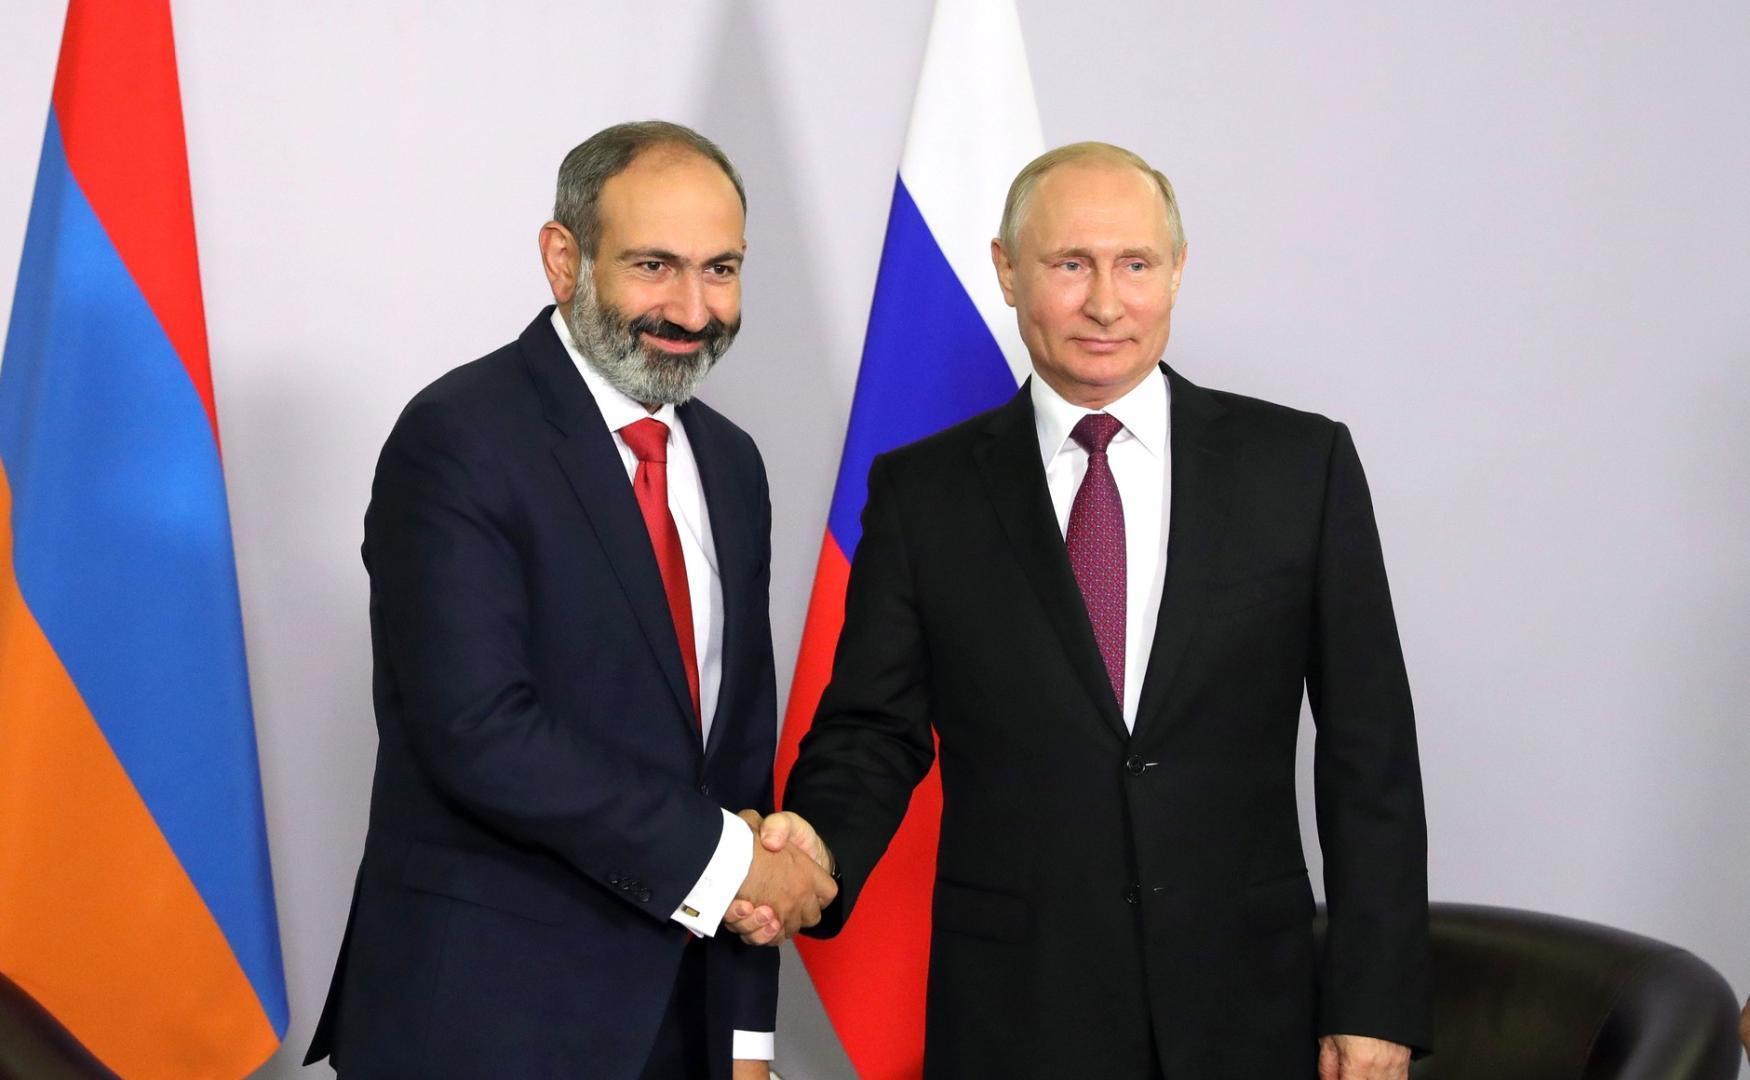 Liderul rus, Vladimir Putin, a acceptat preluarea puterii la Erevan de catre Nikol_Pashinyan